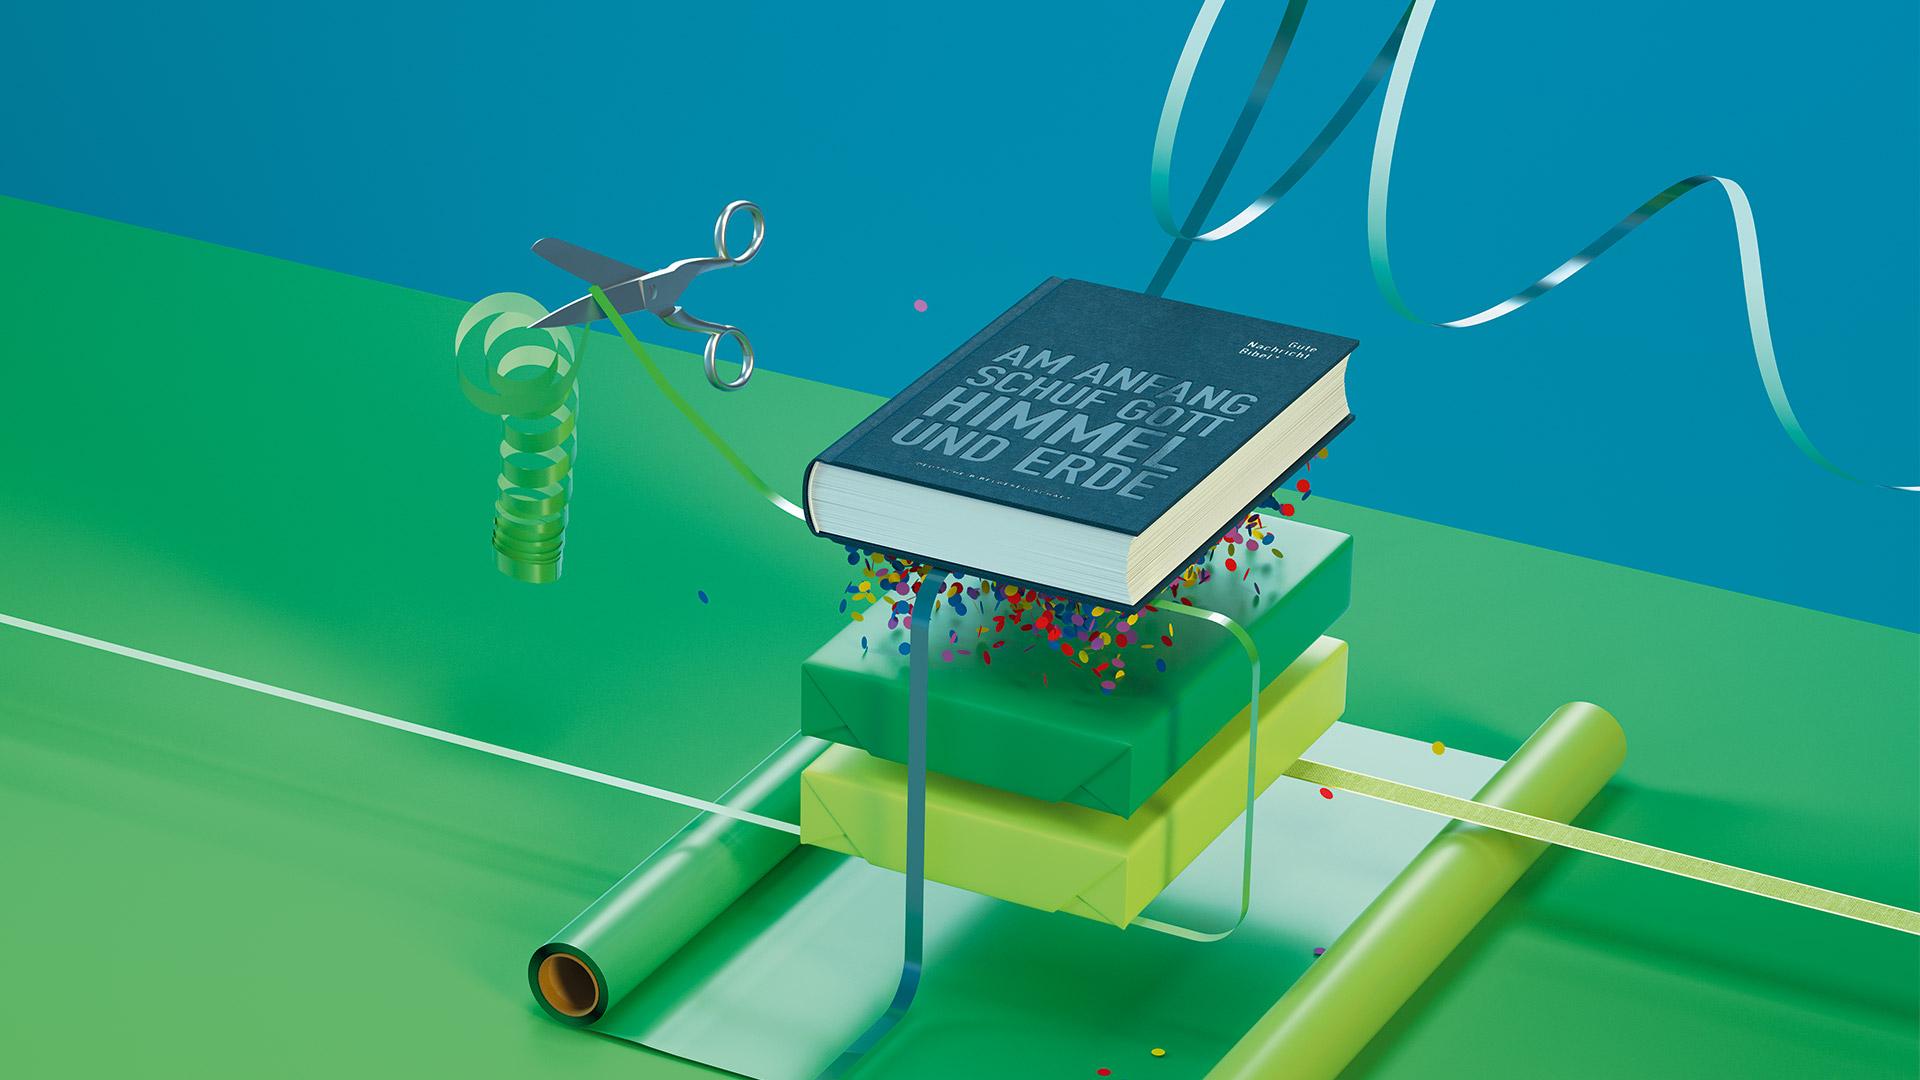 Gute Nachricht Bibel Stiftung Deutsche Bibelgesellschaft ©gobasil GmbH ~ Agentur für Kommunikation, Hamburg Hannover